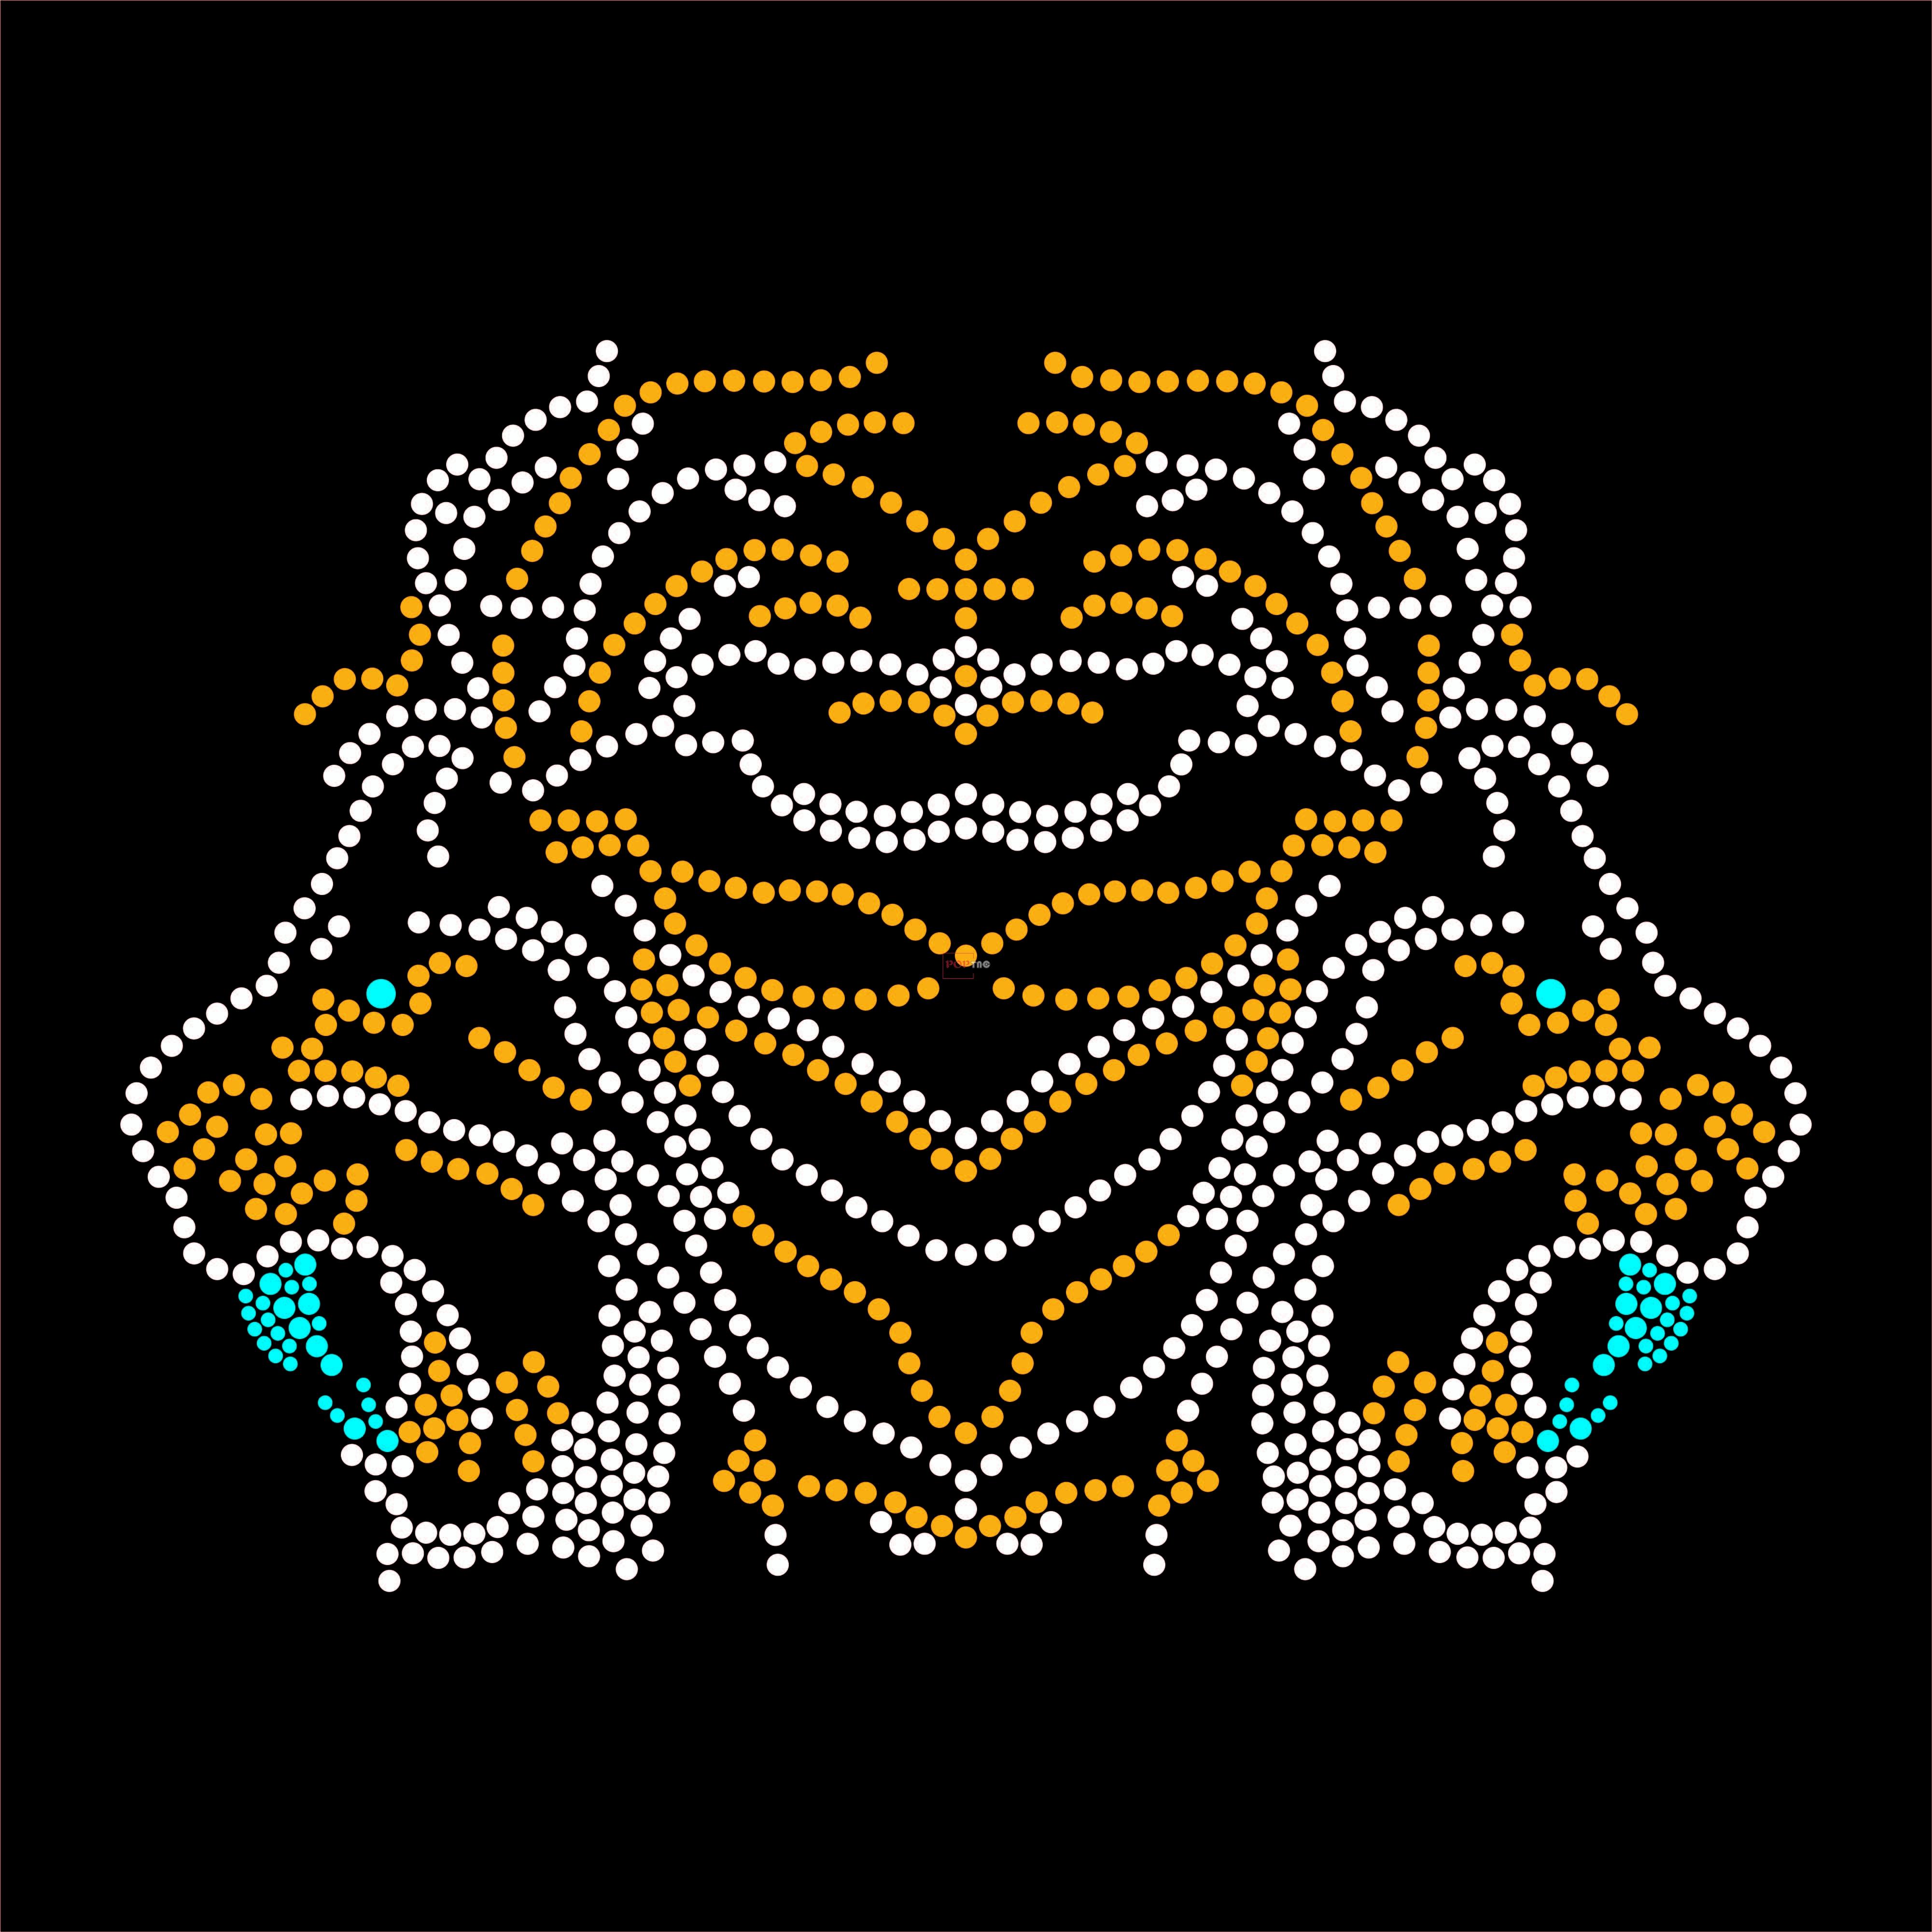 烫钻狮子图案潮图高清T恤烫画热转印高清素材-POP花型网